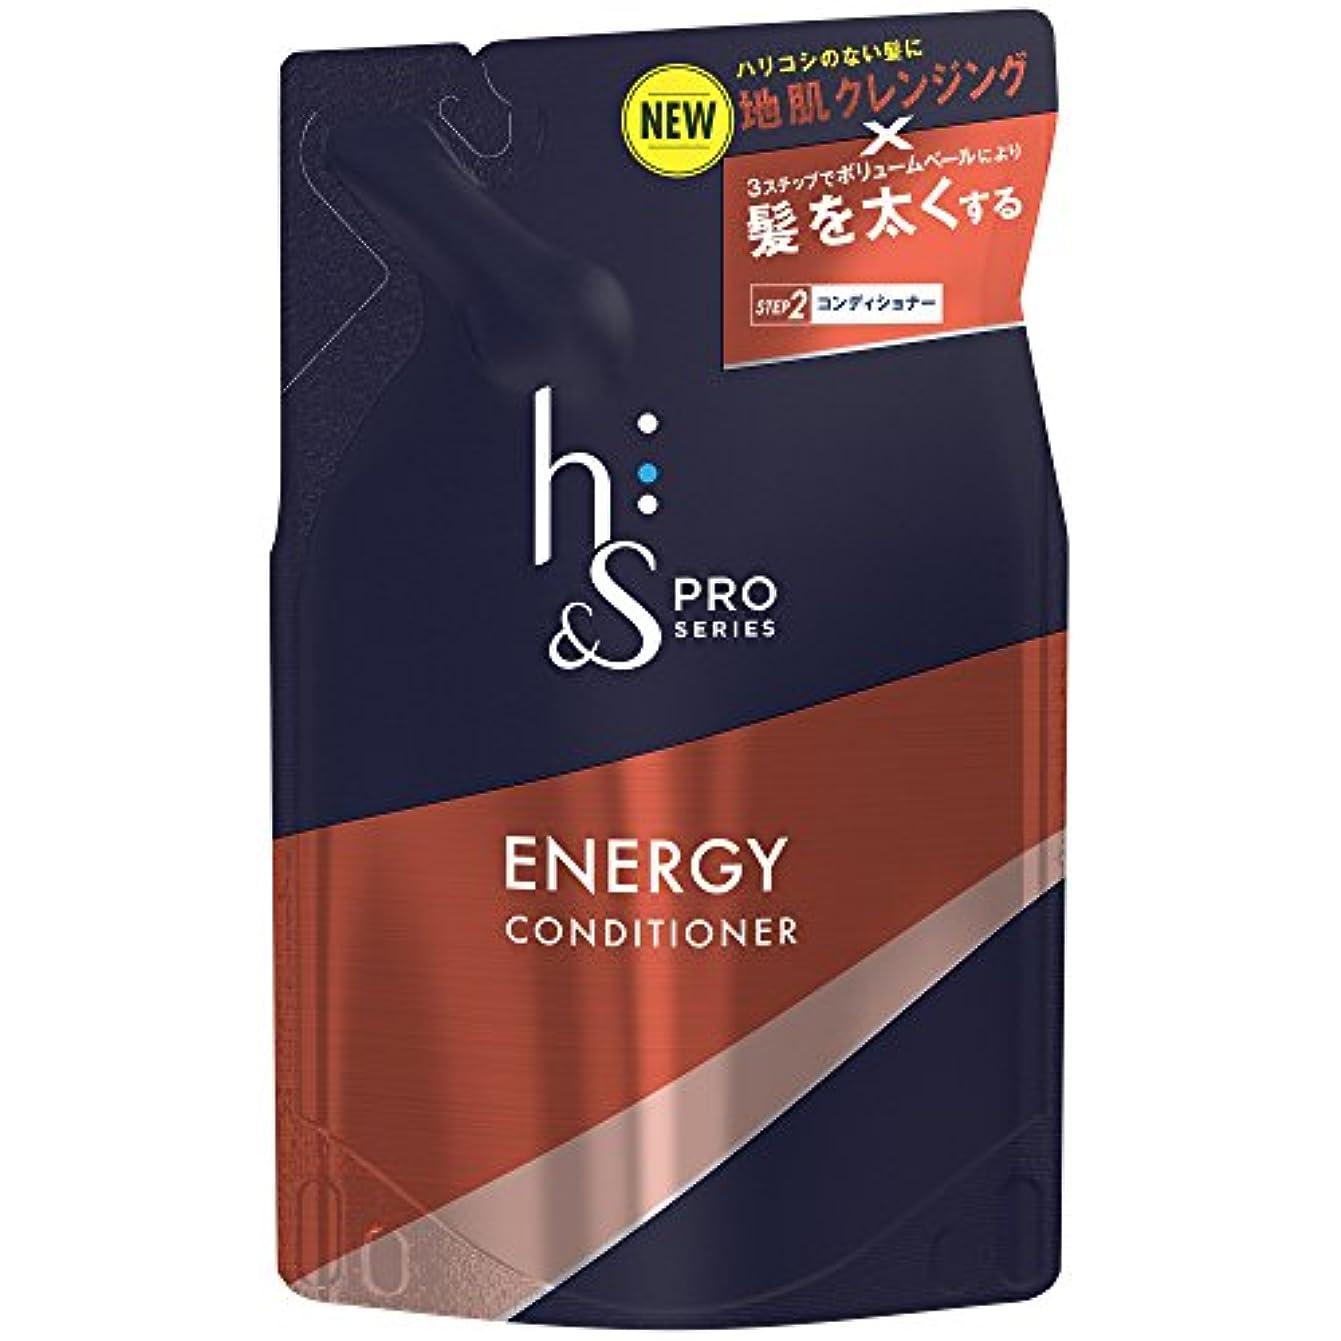 騒ぎセレナ発表h&s コンディショナー PRO Series エナジー 詰め替え 300g